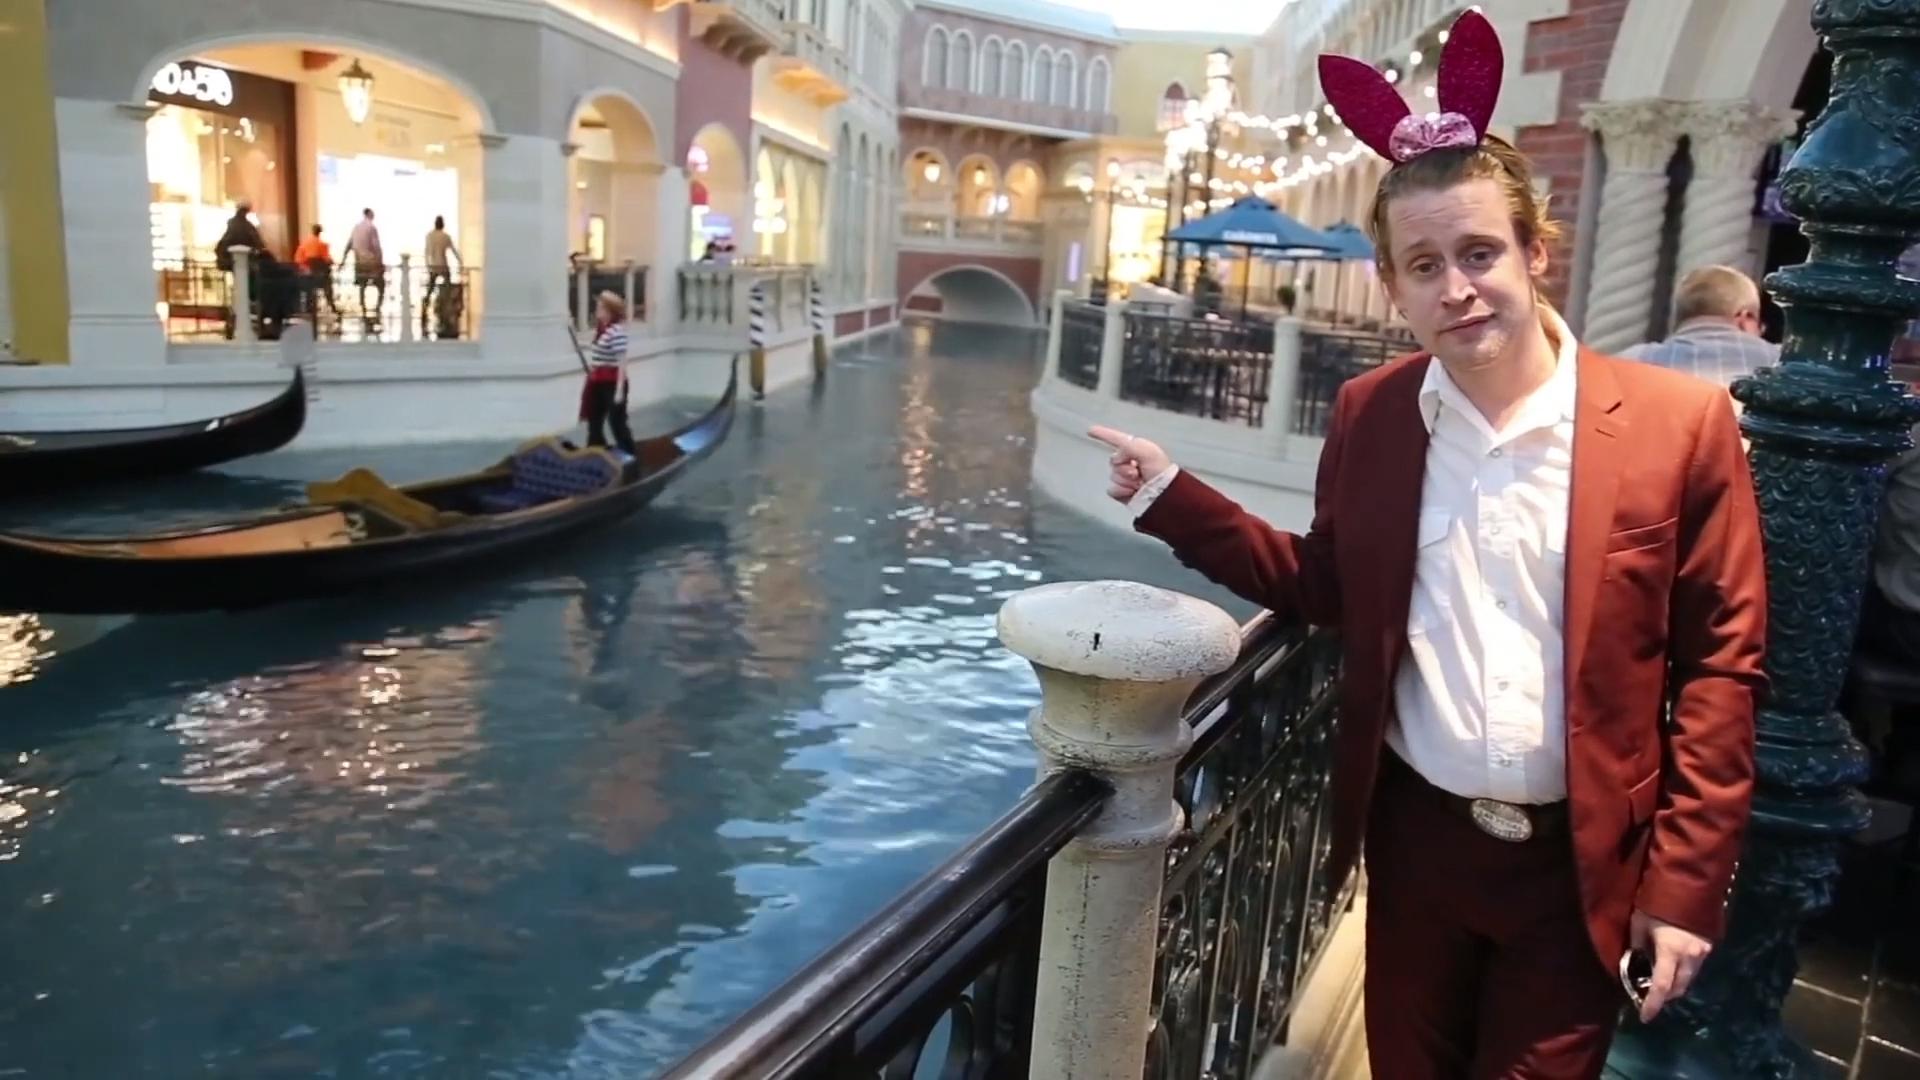 Macaulay Culkin promotes podcast 'Bunny Ears' in Las Vegas